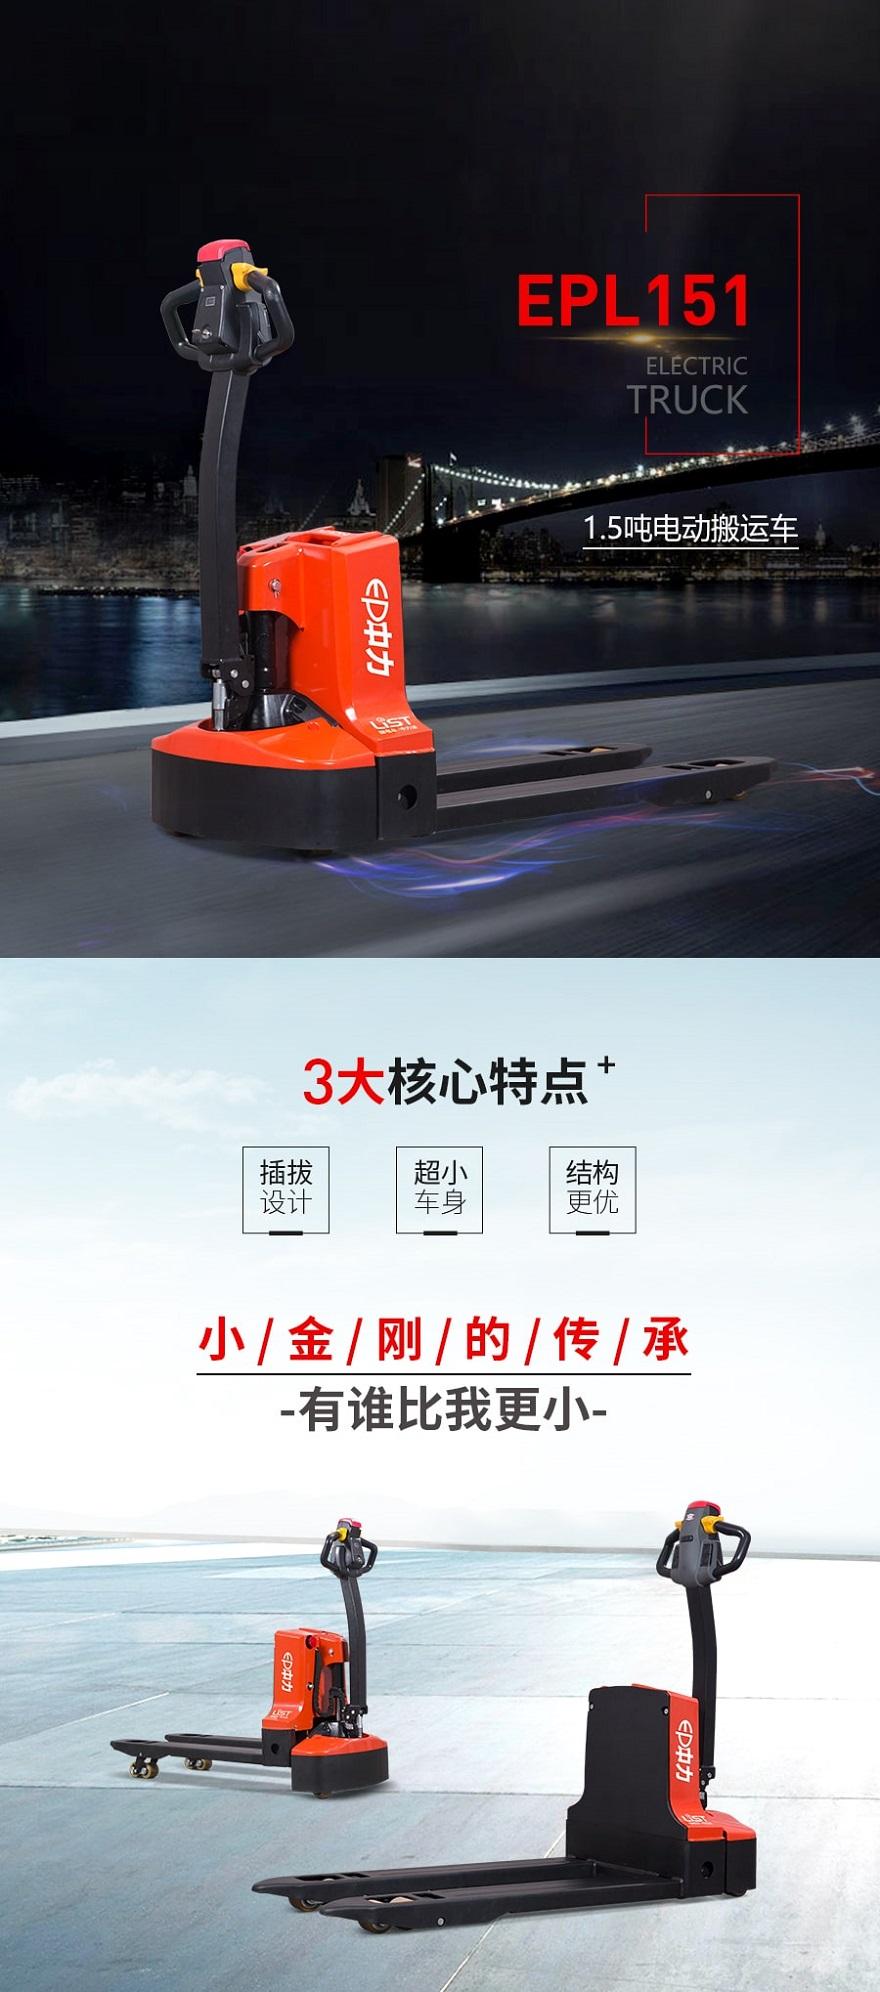 Xe nâng tay điện 1,5 tấn Pin Lithium, Model EPL151